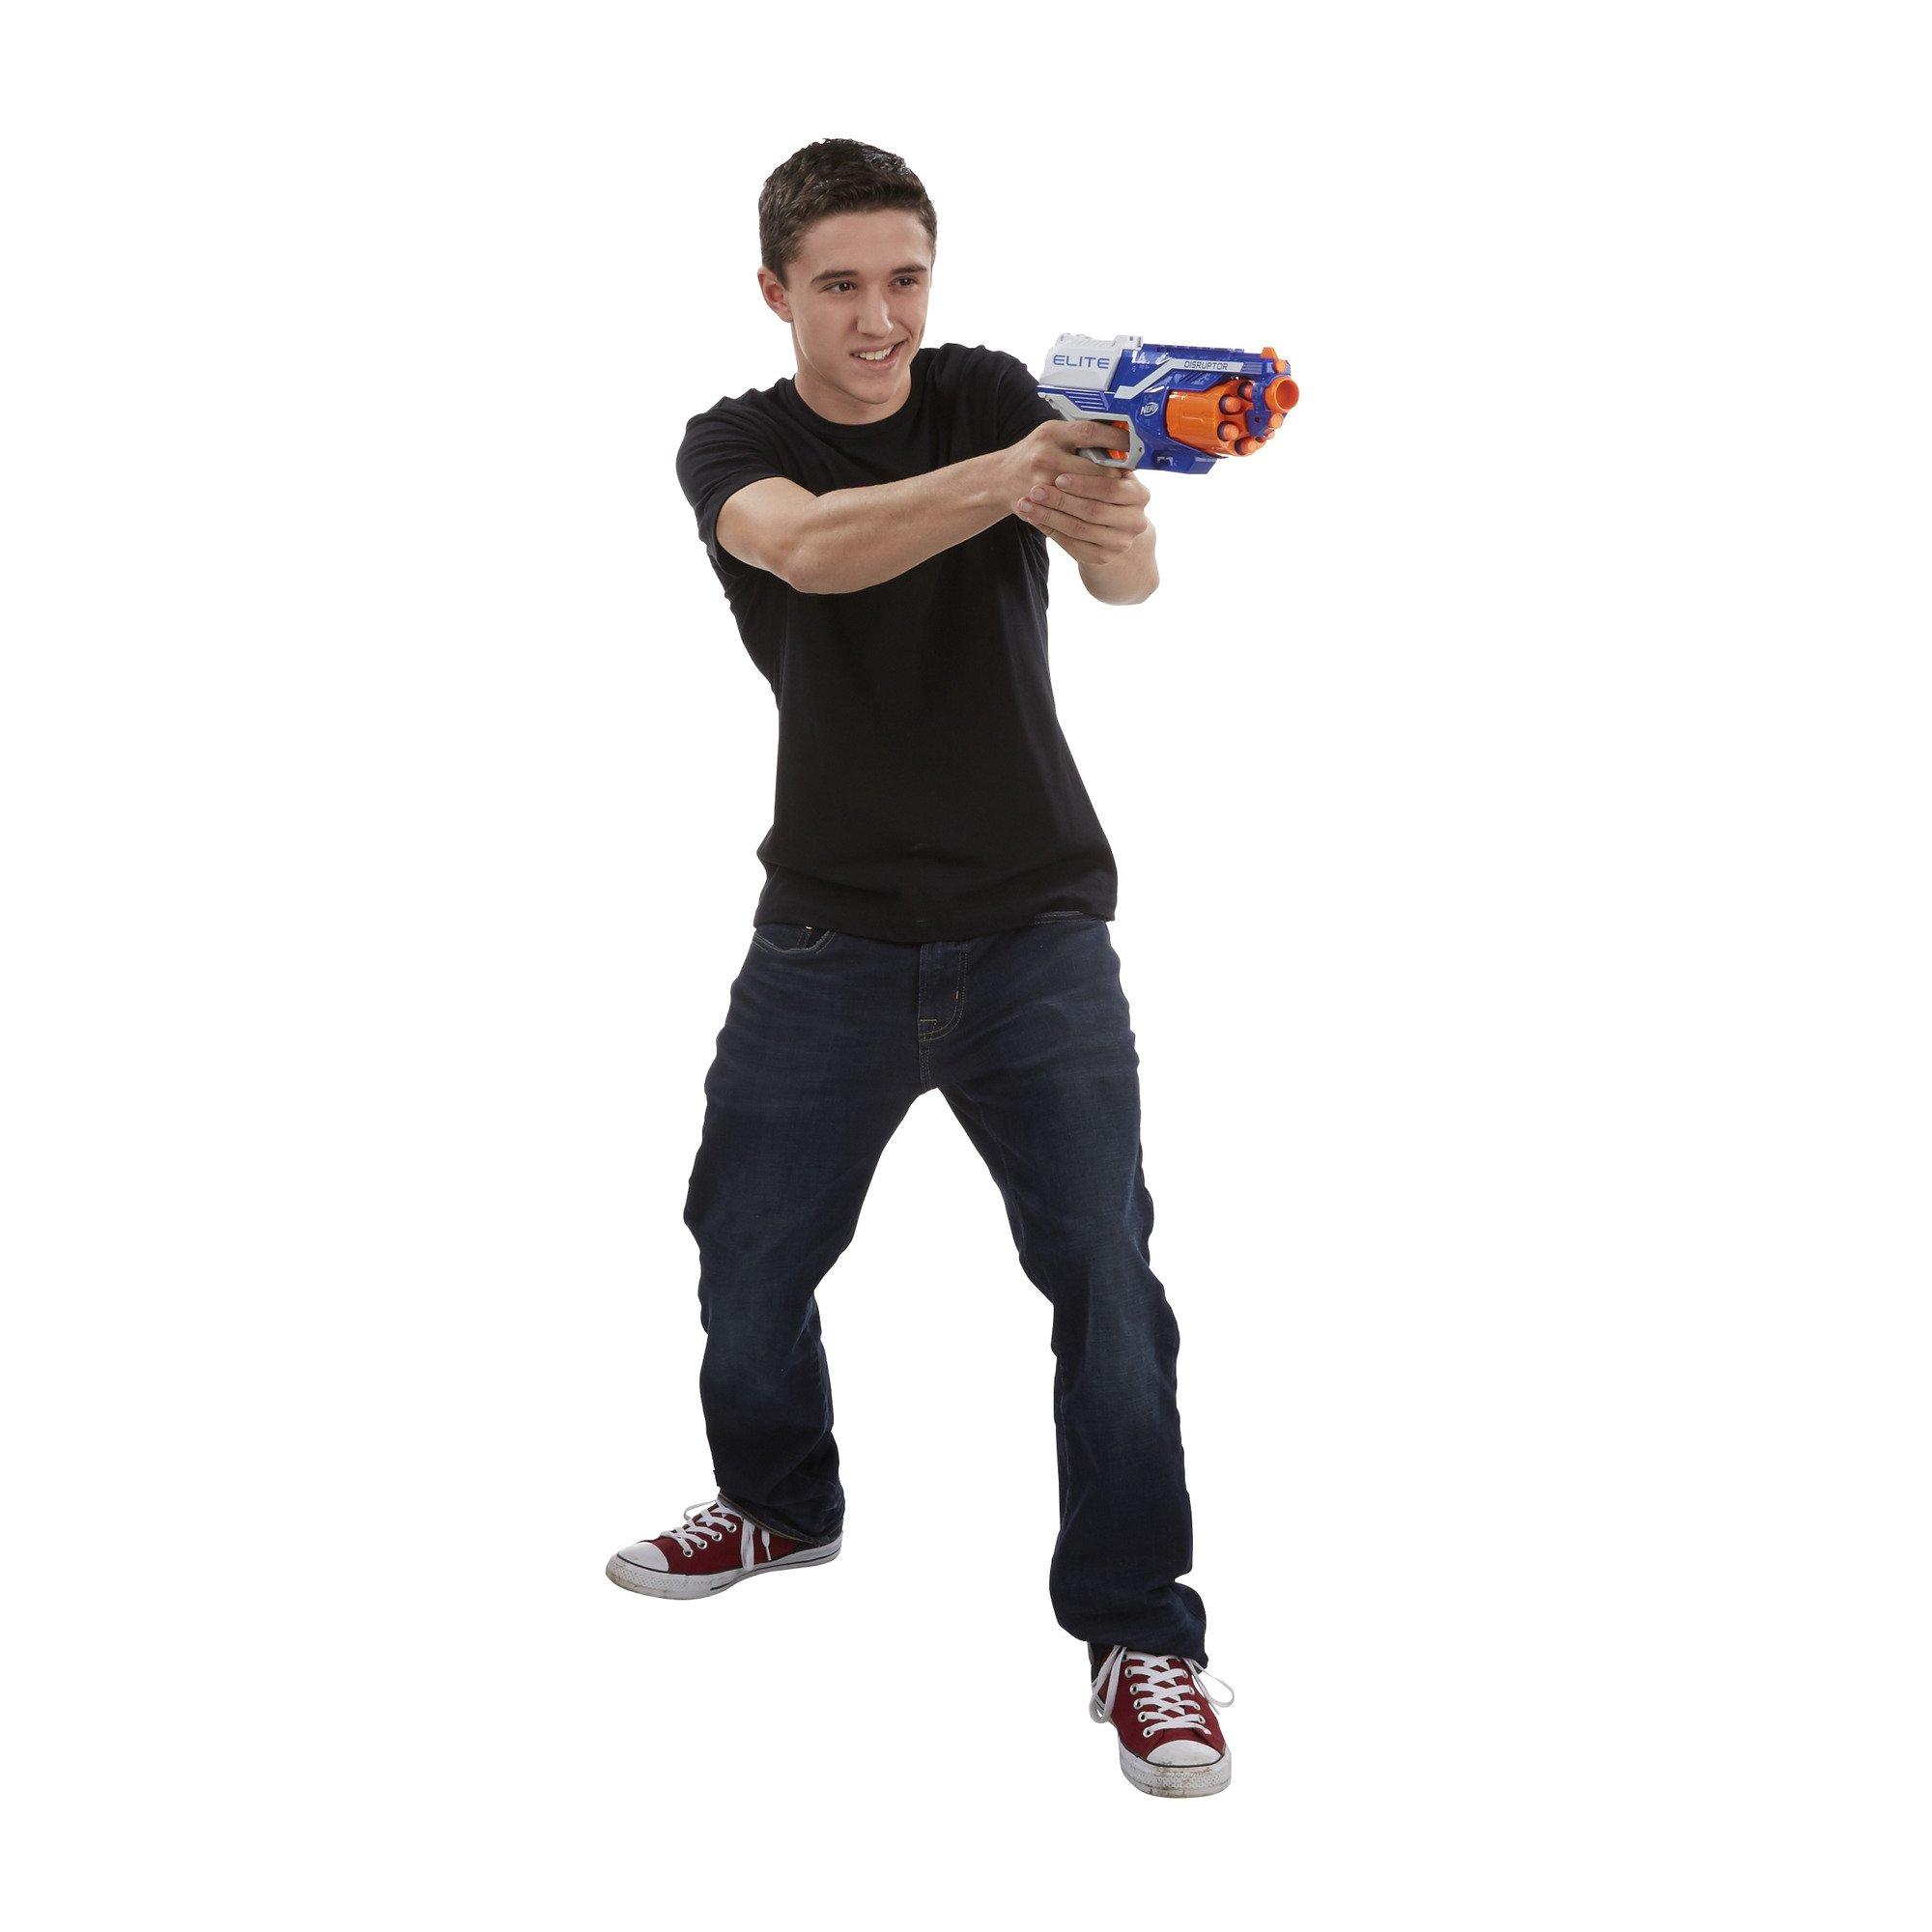 Nerf N-Strike Elite Disruptor by Nerf (Image #9)